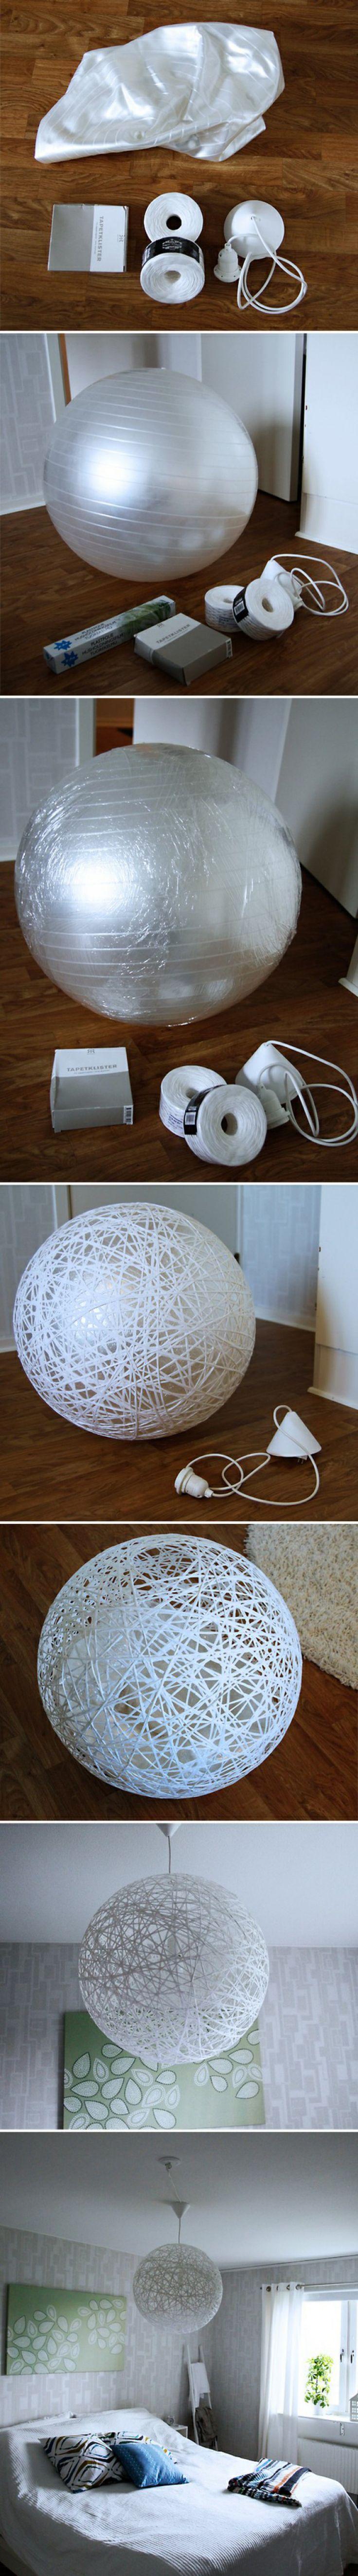 Schlafzimmer Oder Wohnzimmer Lampe Dekoration Auch Als Kleinere Machbar Nachttischlampe Ahnliches